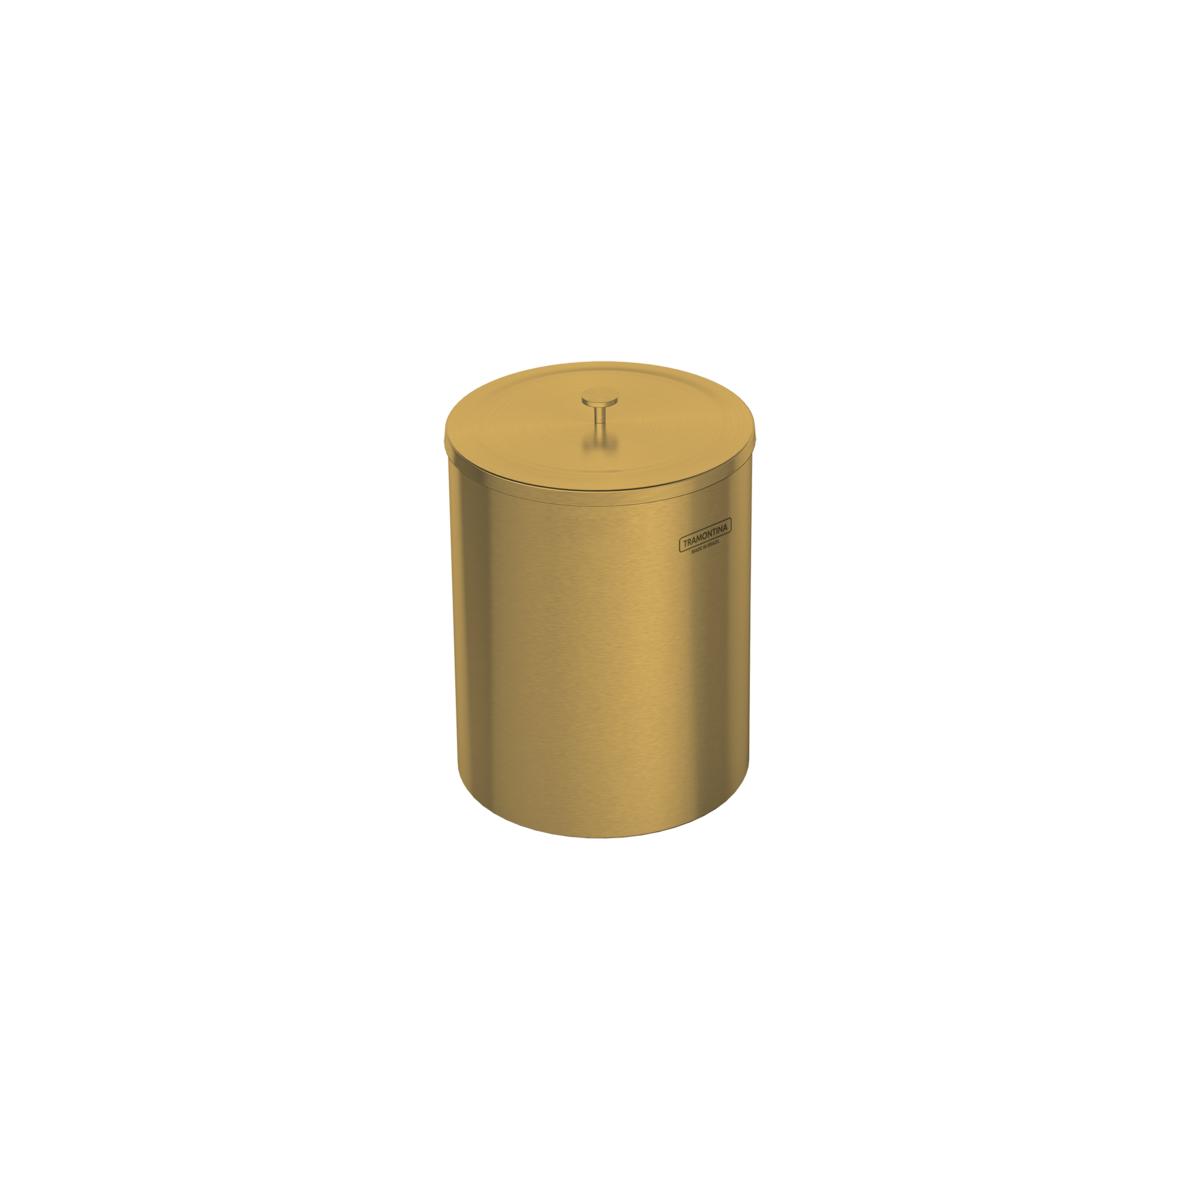 Lixeira Tramontina Útil 94540/051 em Aço Inox Scotch Brite com Revestimento a Base de Verniz Gold 5L